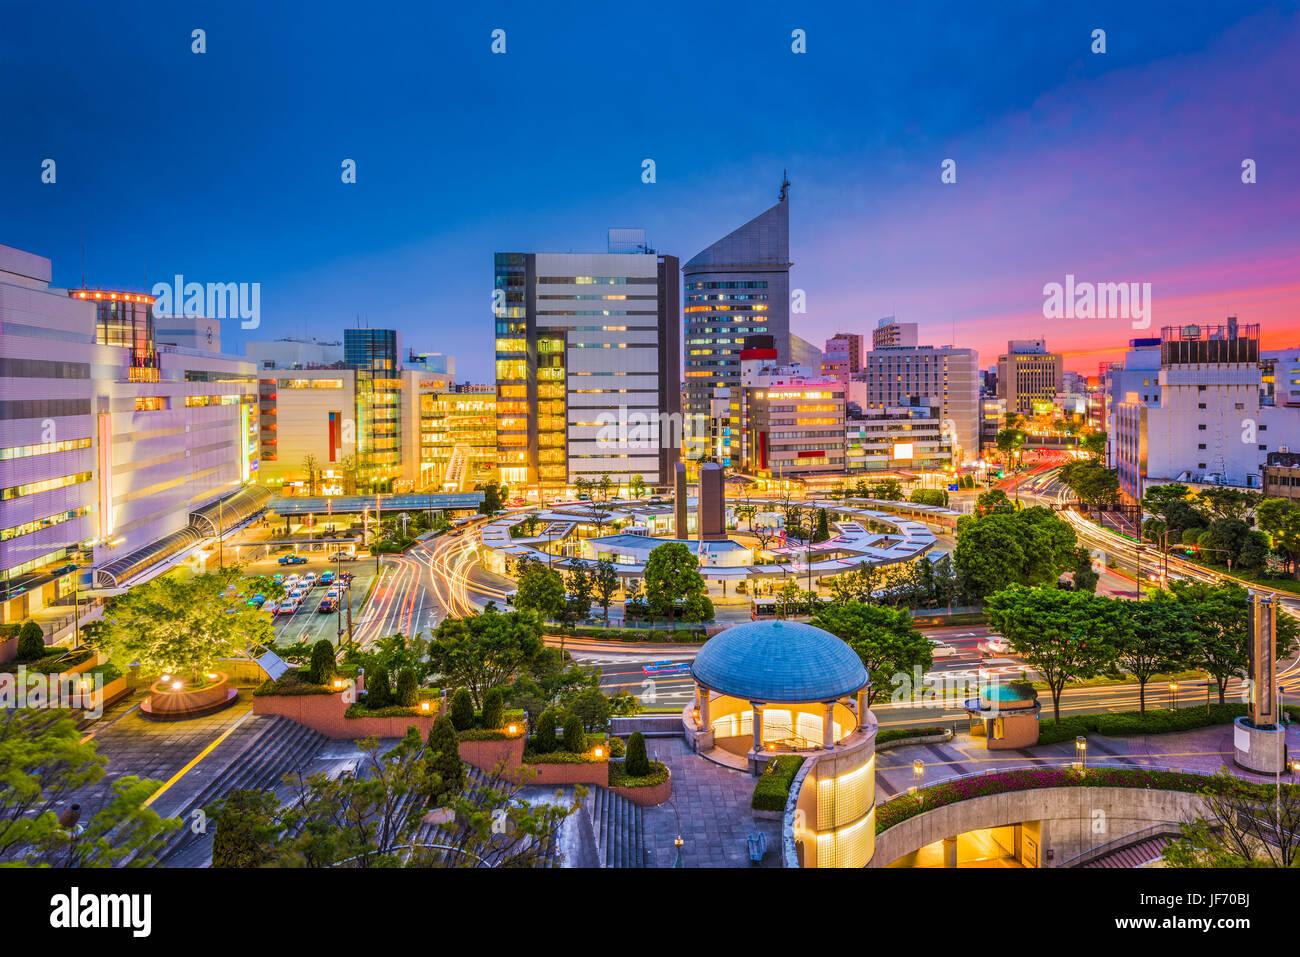 Città di Hamamatsu, Giappone skyline al crepuscolo. Immagini Stock